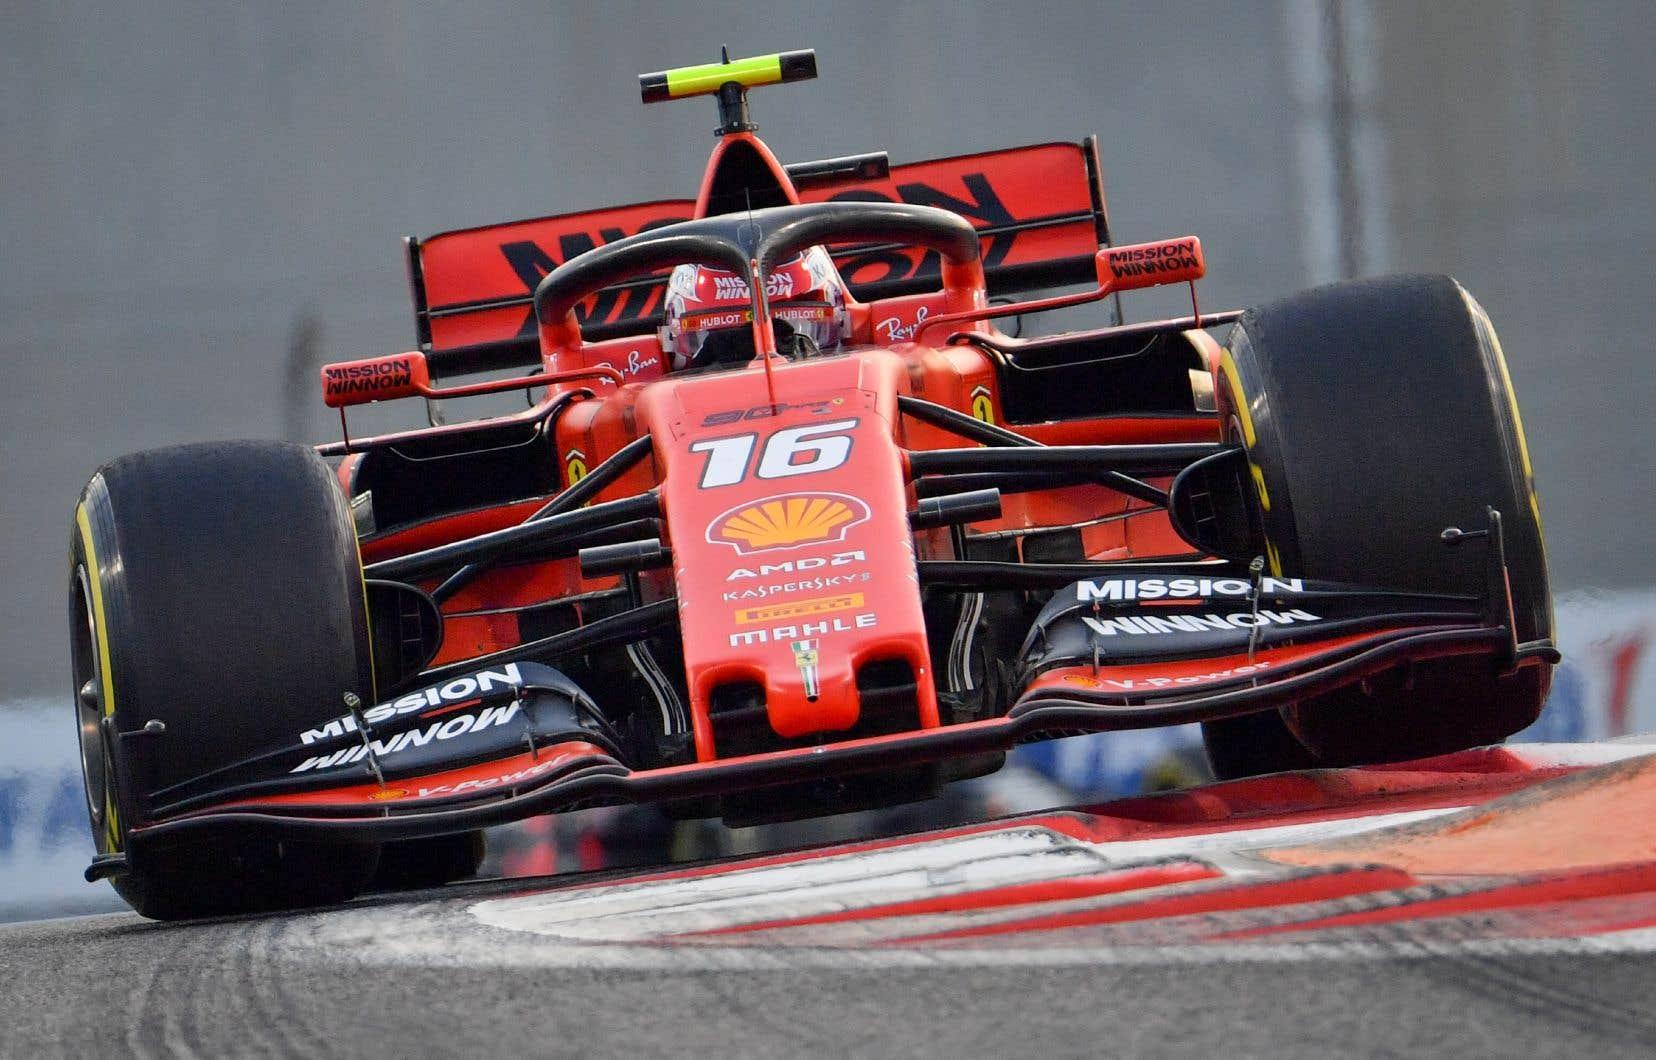 La voiture sera présentée le 11février prochain, pour des essais hivernaux à Barcelone (Espagne) débutant le 19.